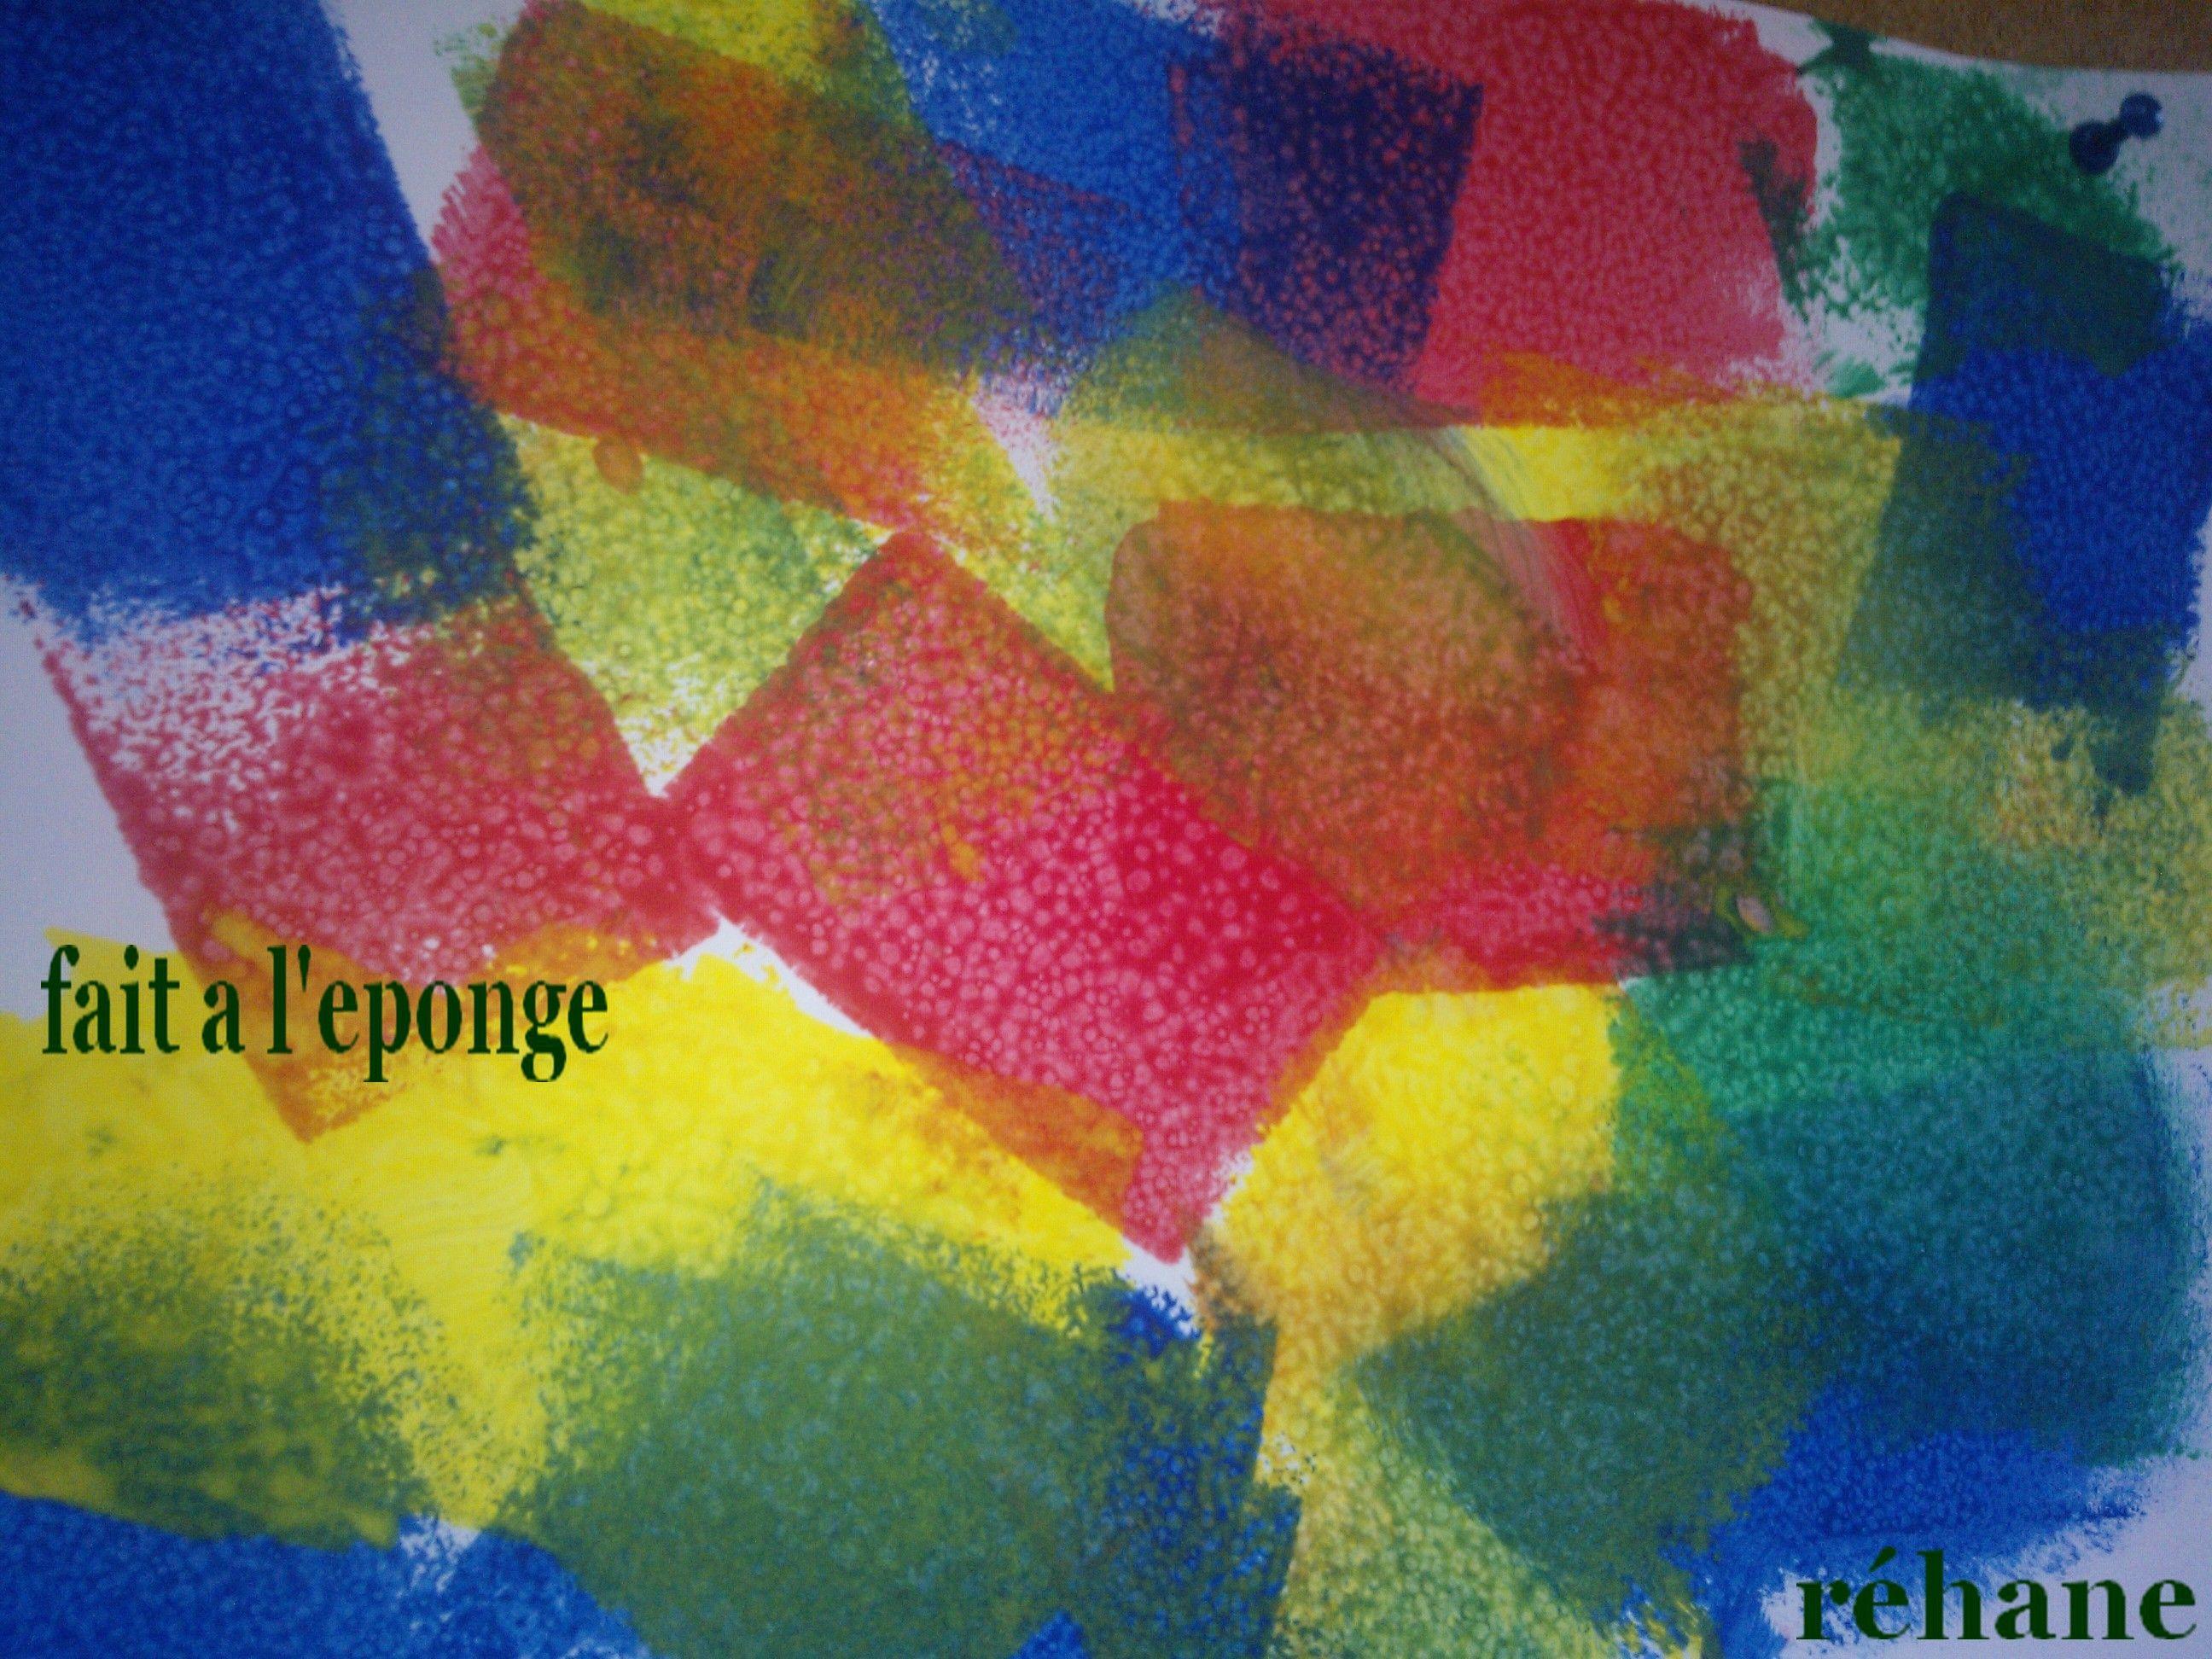 Peinture a l 39 ponge for Peindre a l eponge